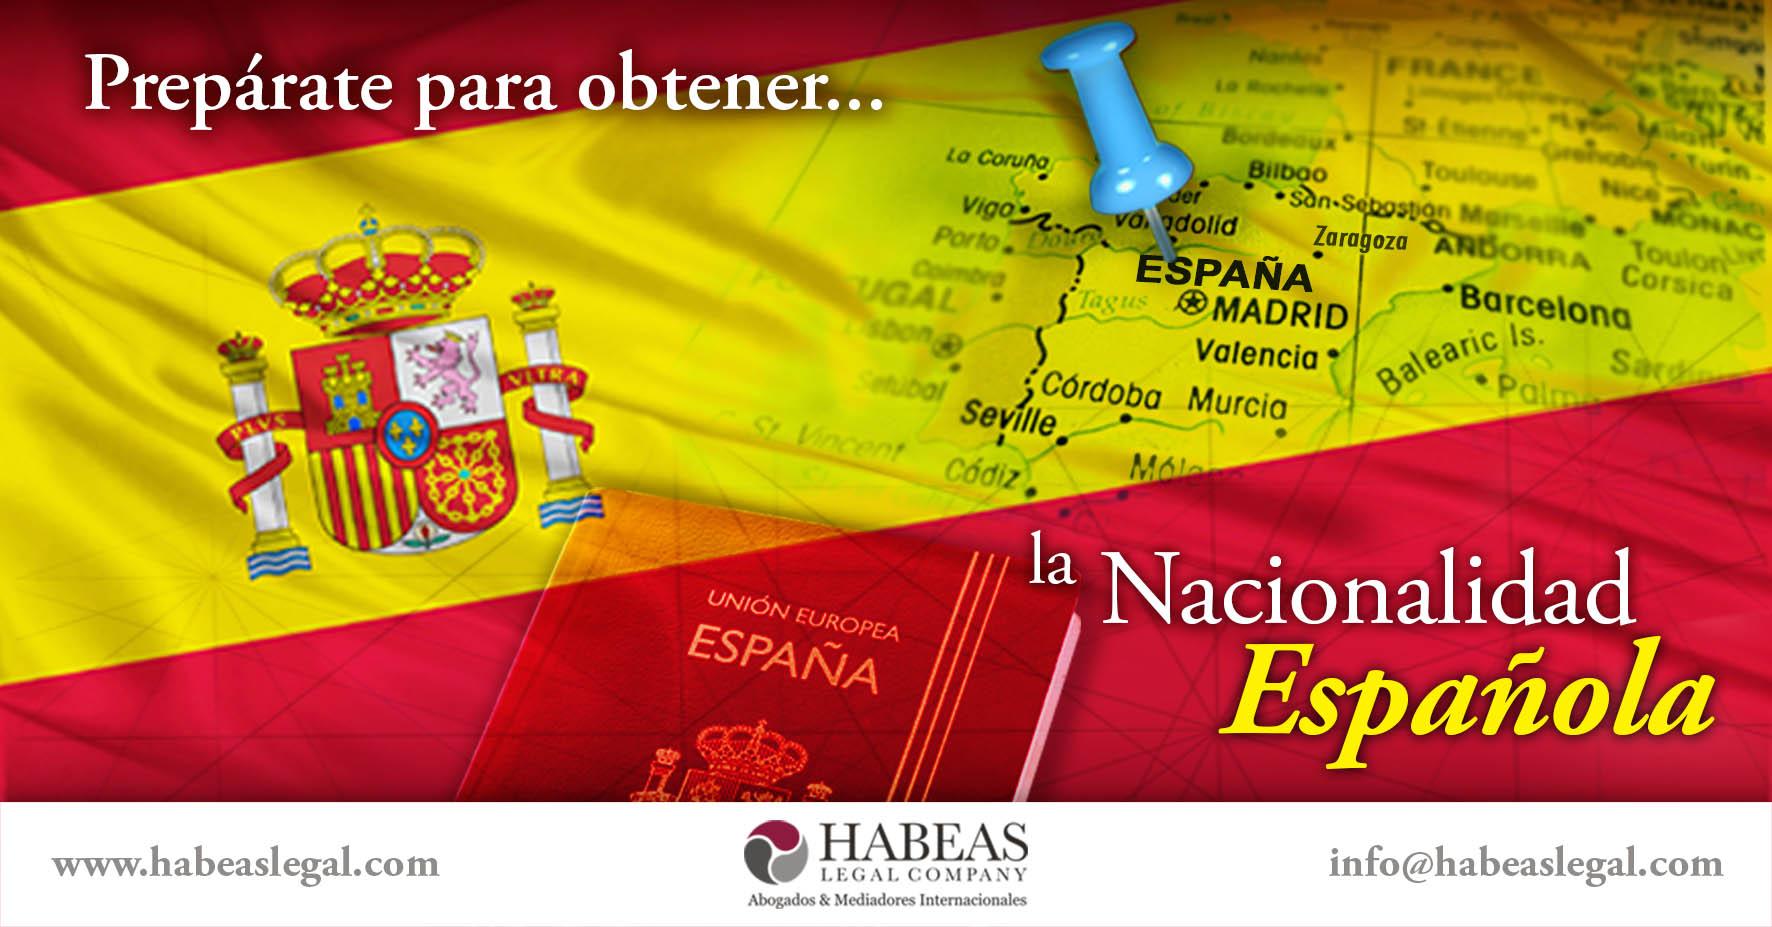 Nacionalidad española obtención Habeas Legal - ¿Sabes cómo obtener la Nacionalidad Española?